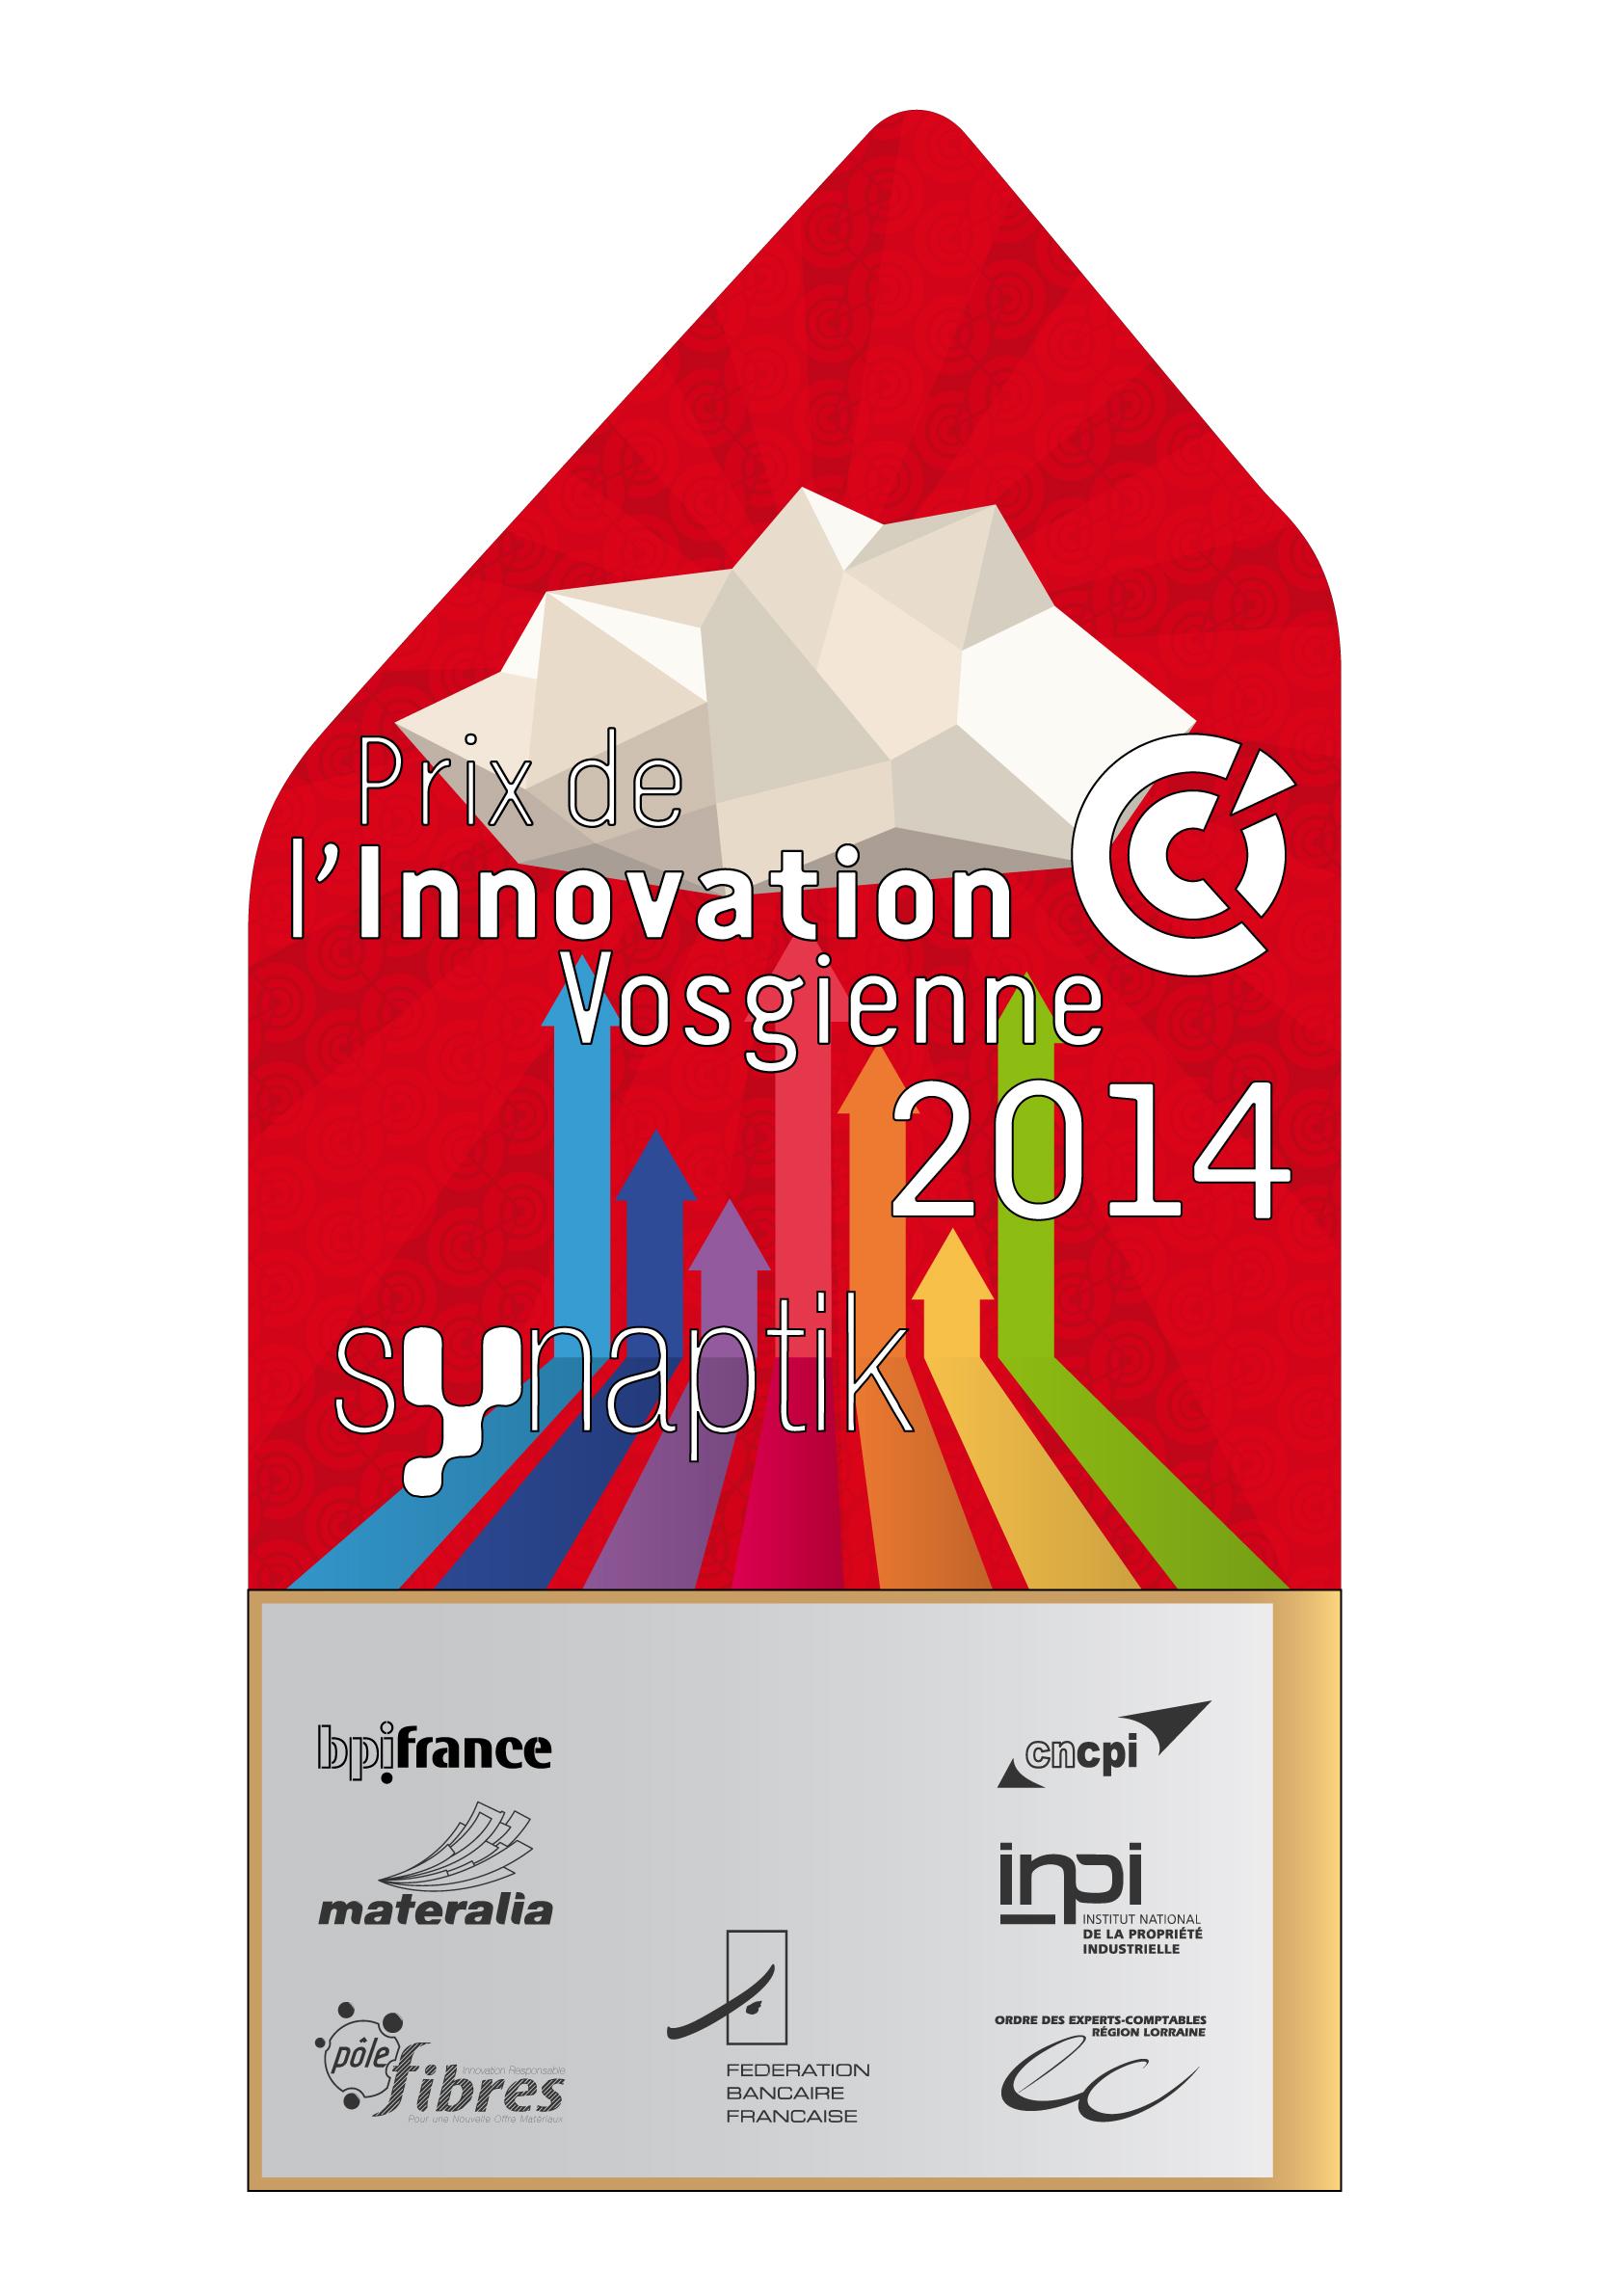 Bati-Kutch obtient le prix de l'innovation vosgienne